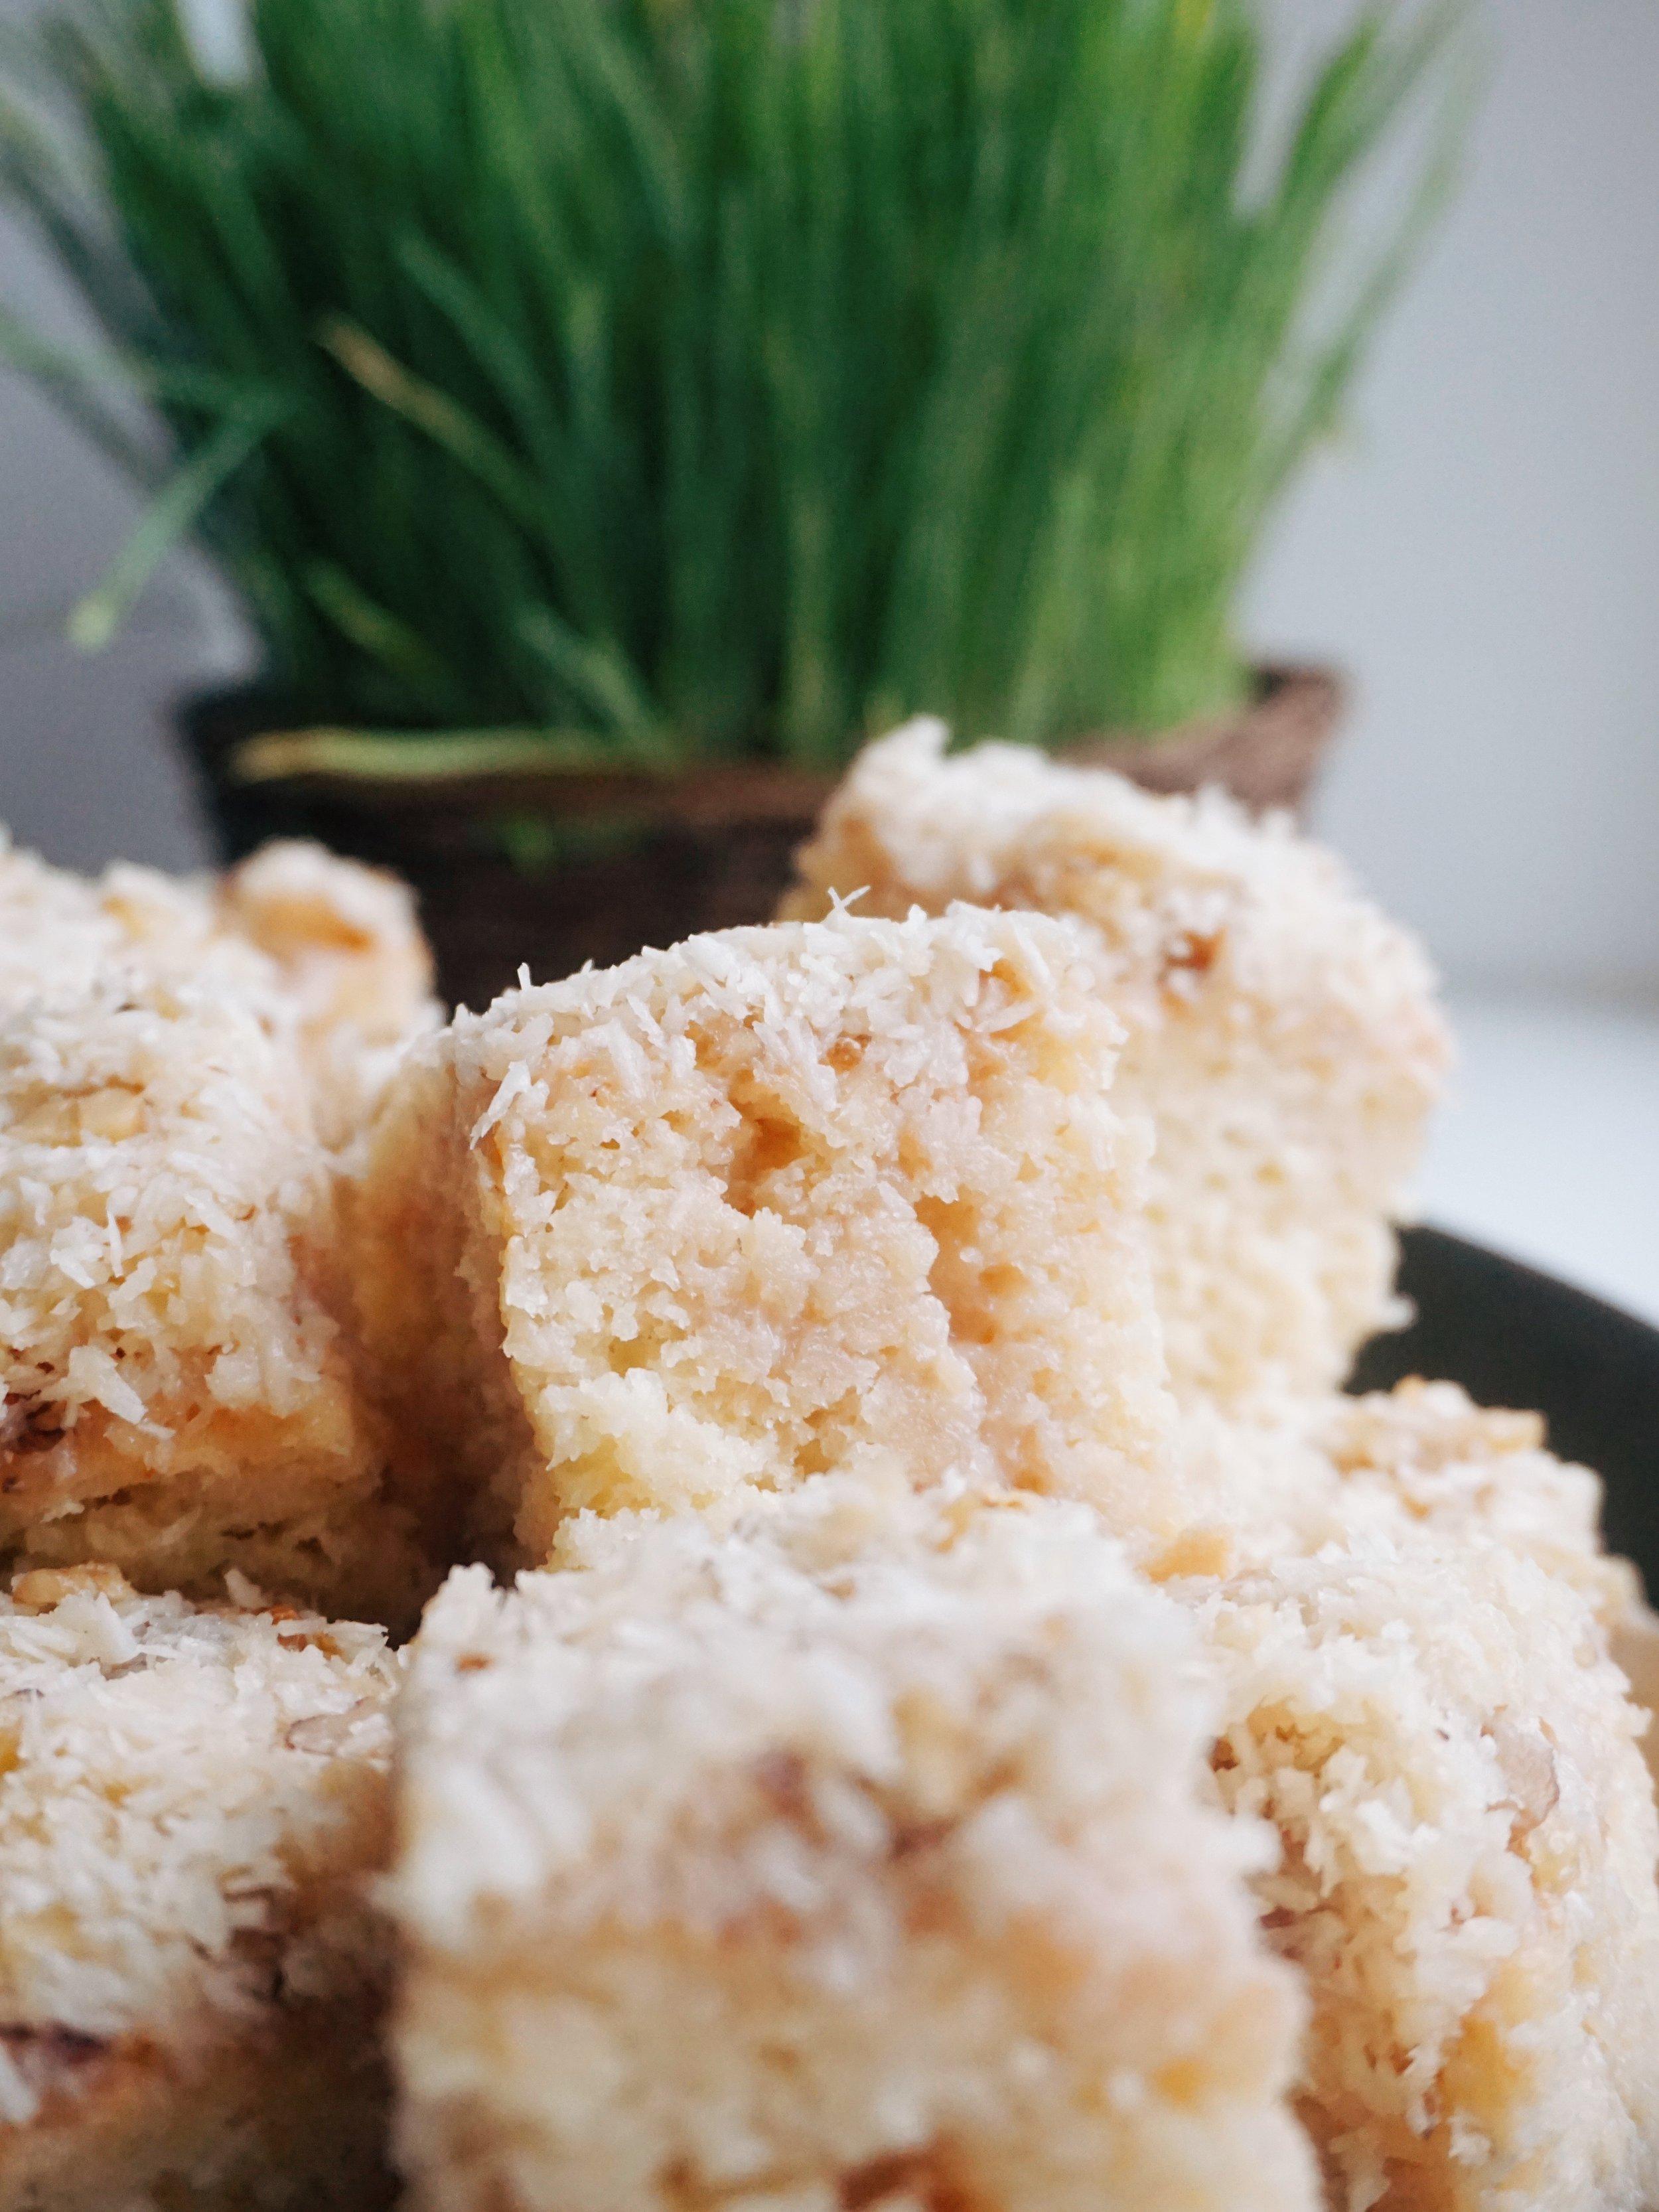 ķepīgā ananasu plātsmaize ar kokosriekstiem - pavisam vienkārša plātsmaize ar pavisam neparasti pilnīgu garšu. plātsmaizes virspusē uzlietā kokosriekstu glazūra būs iesūkusies viscaur plātsmaizes viducī un līdz pēdējam stūrītim pārvērtusi to ķepīgā laimē.